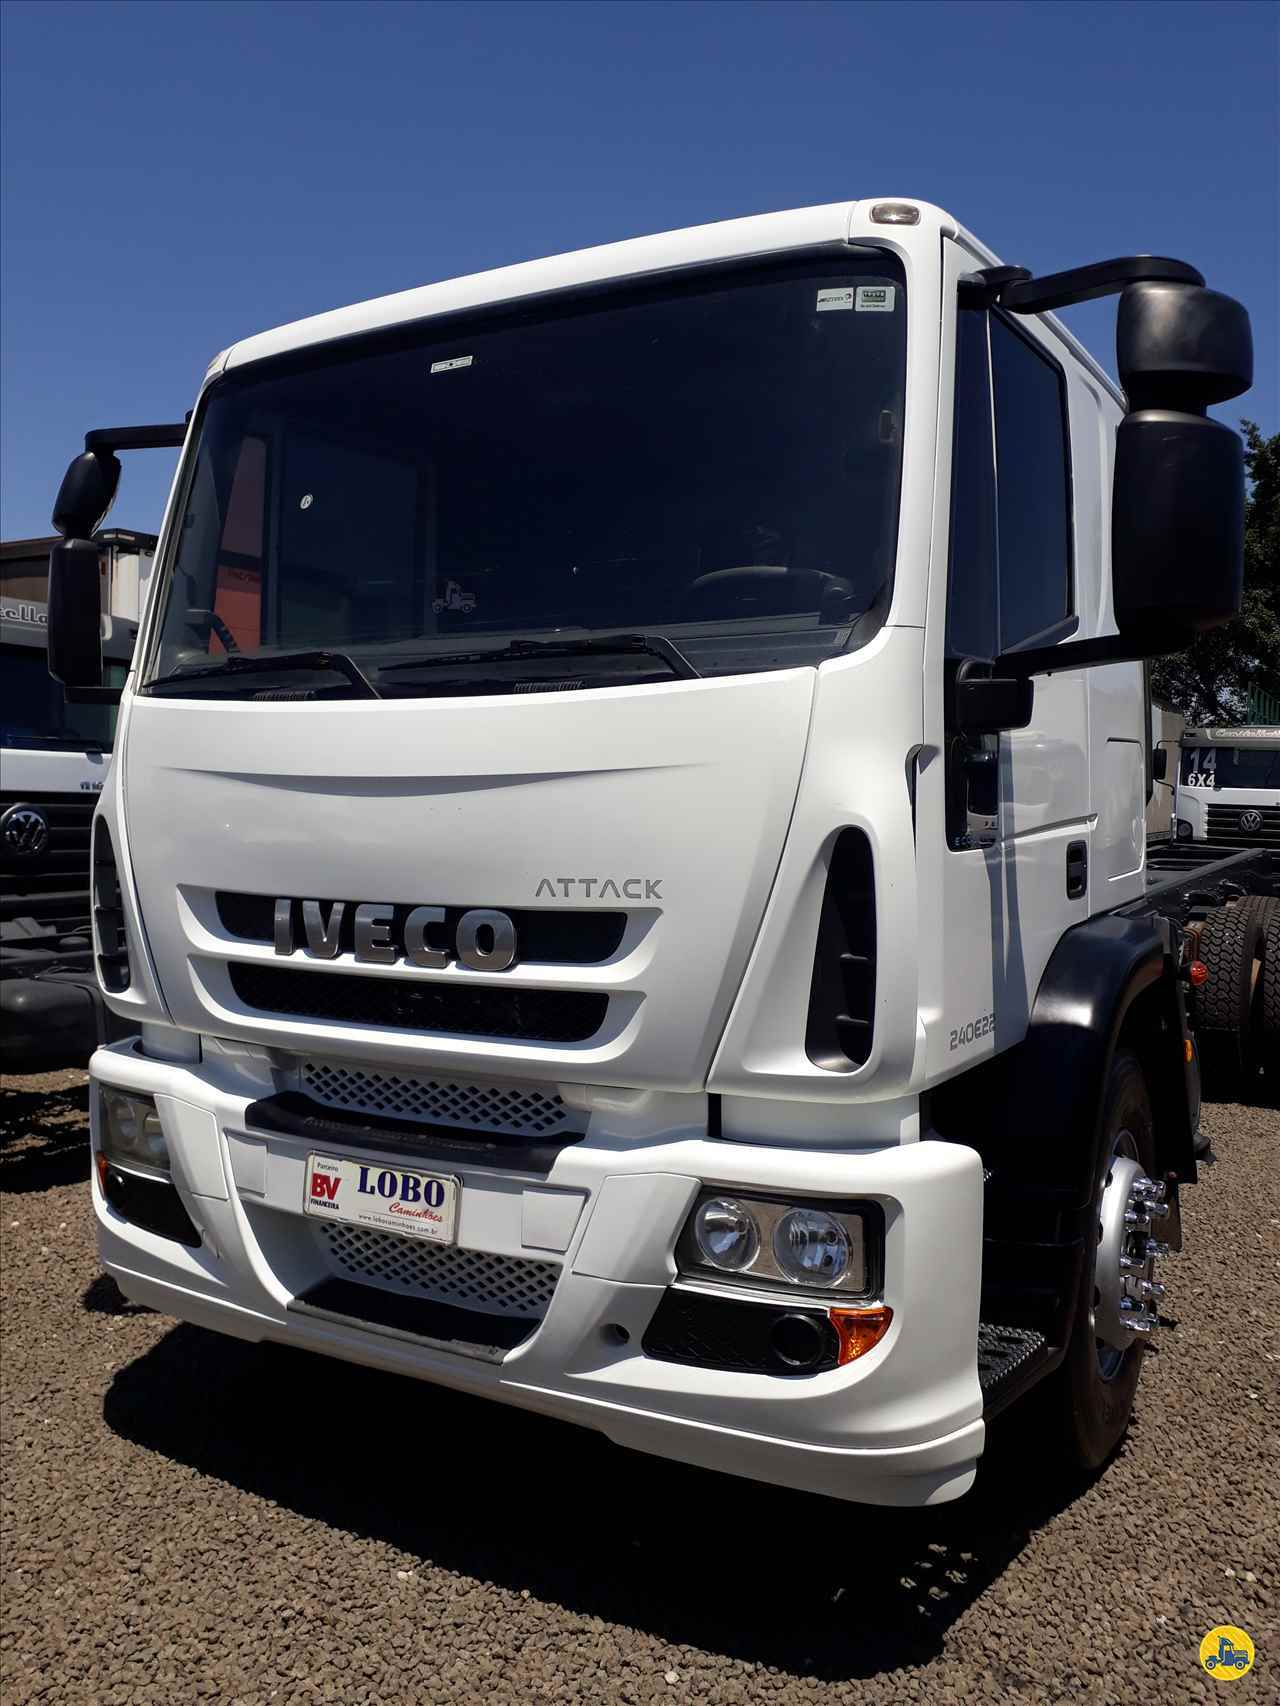 CAMINHAO IVECO TECTOR 240E22 Chassis Truck 6x2 Lobo Caminhões AMERICANA SÃO PAULO SP